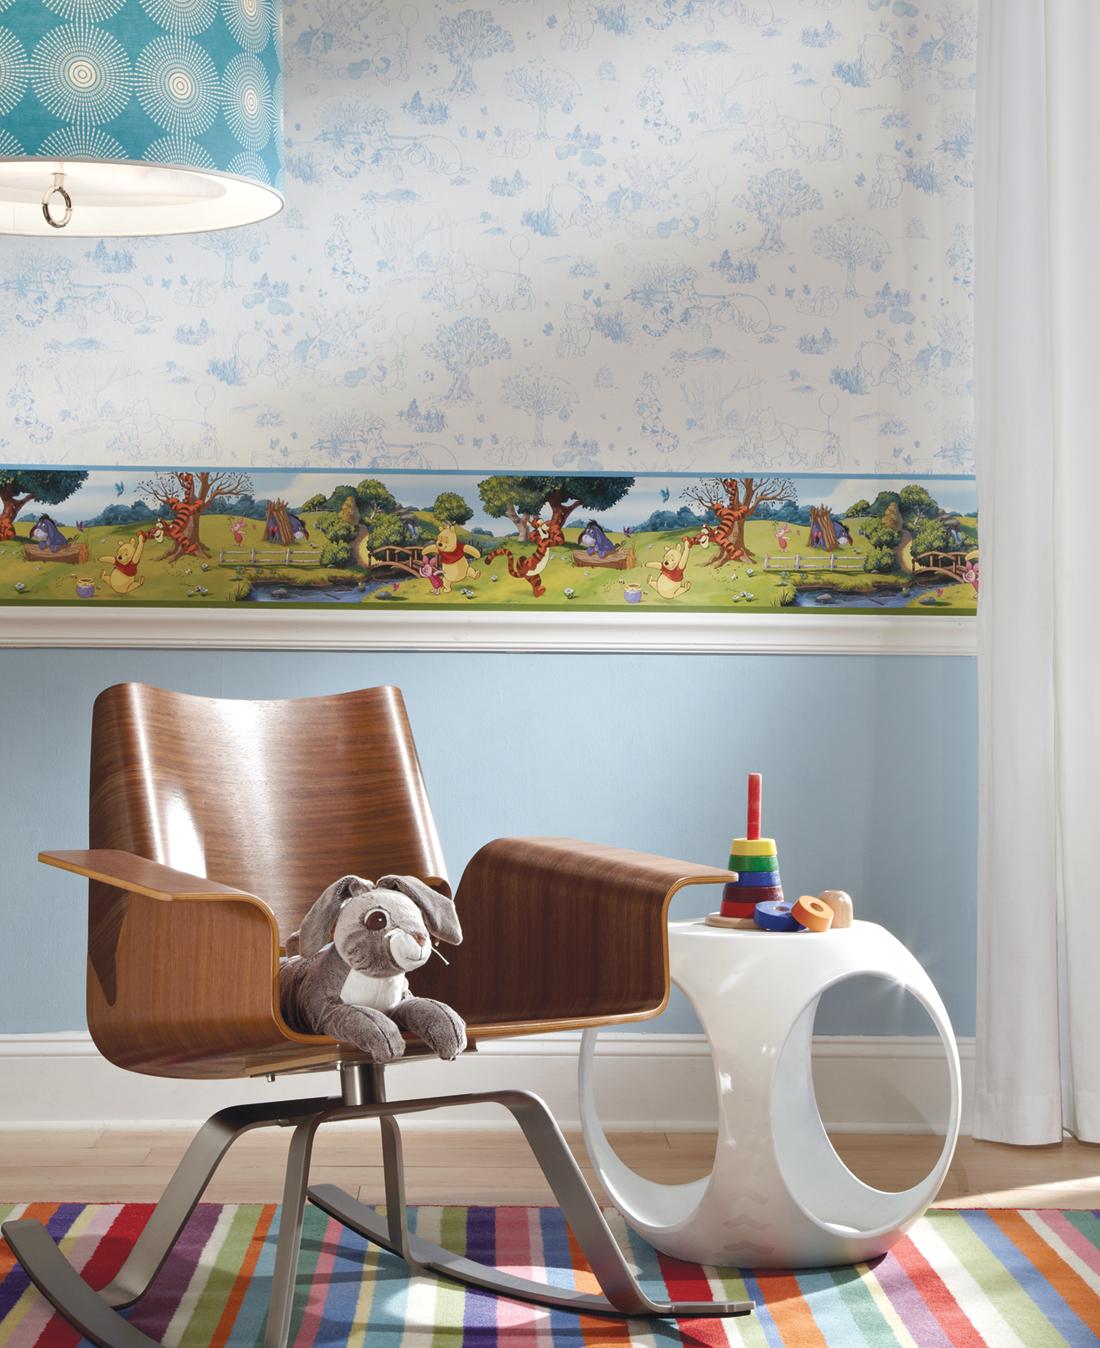 Frise Winnie l'Ourson - Disney de Lutèce AMB | Réf. LTC-DS7765BD